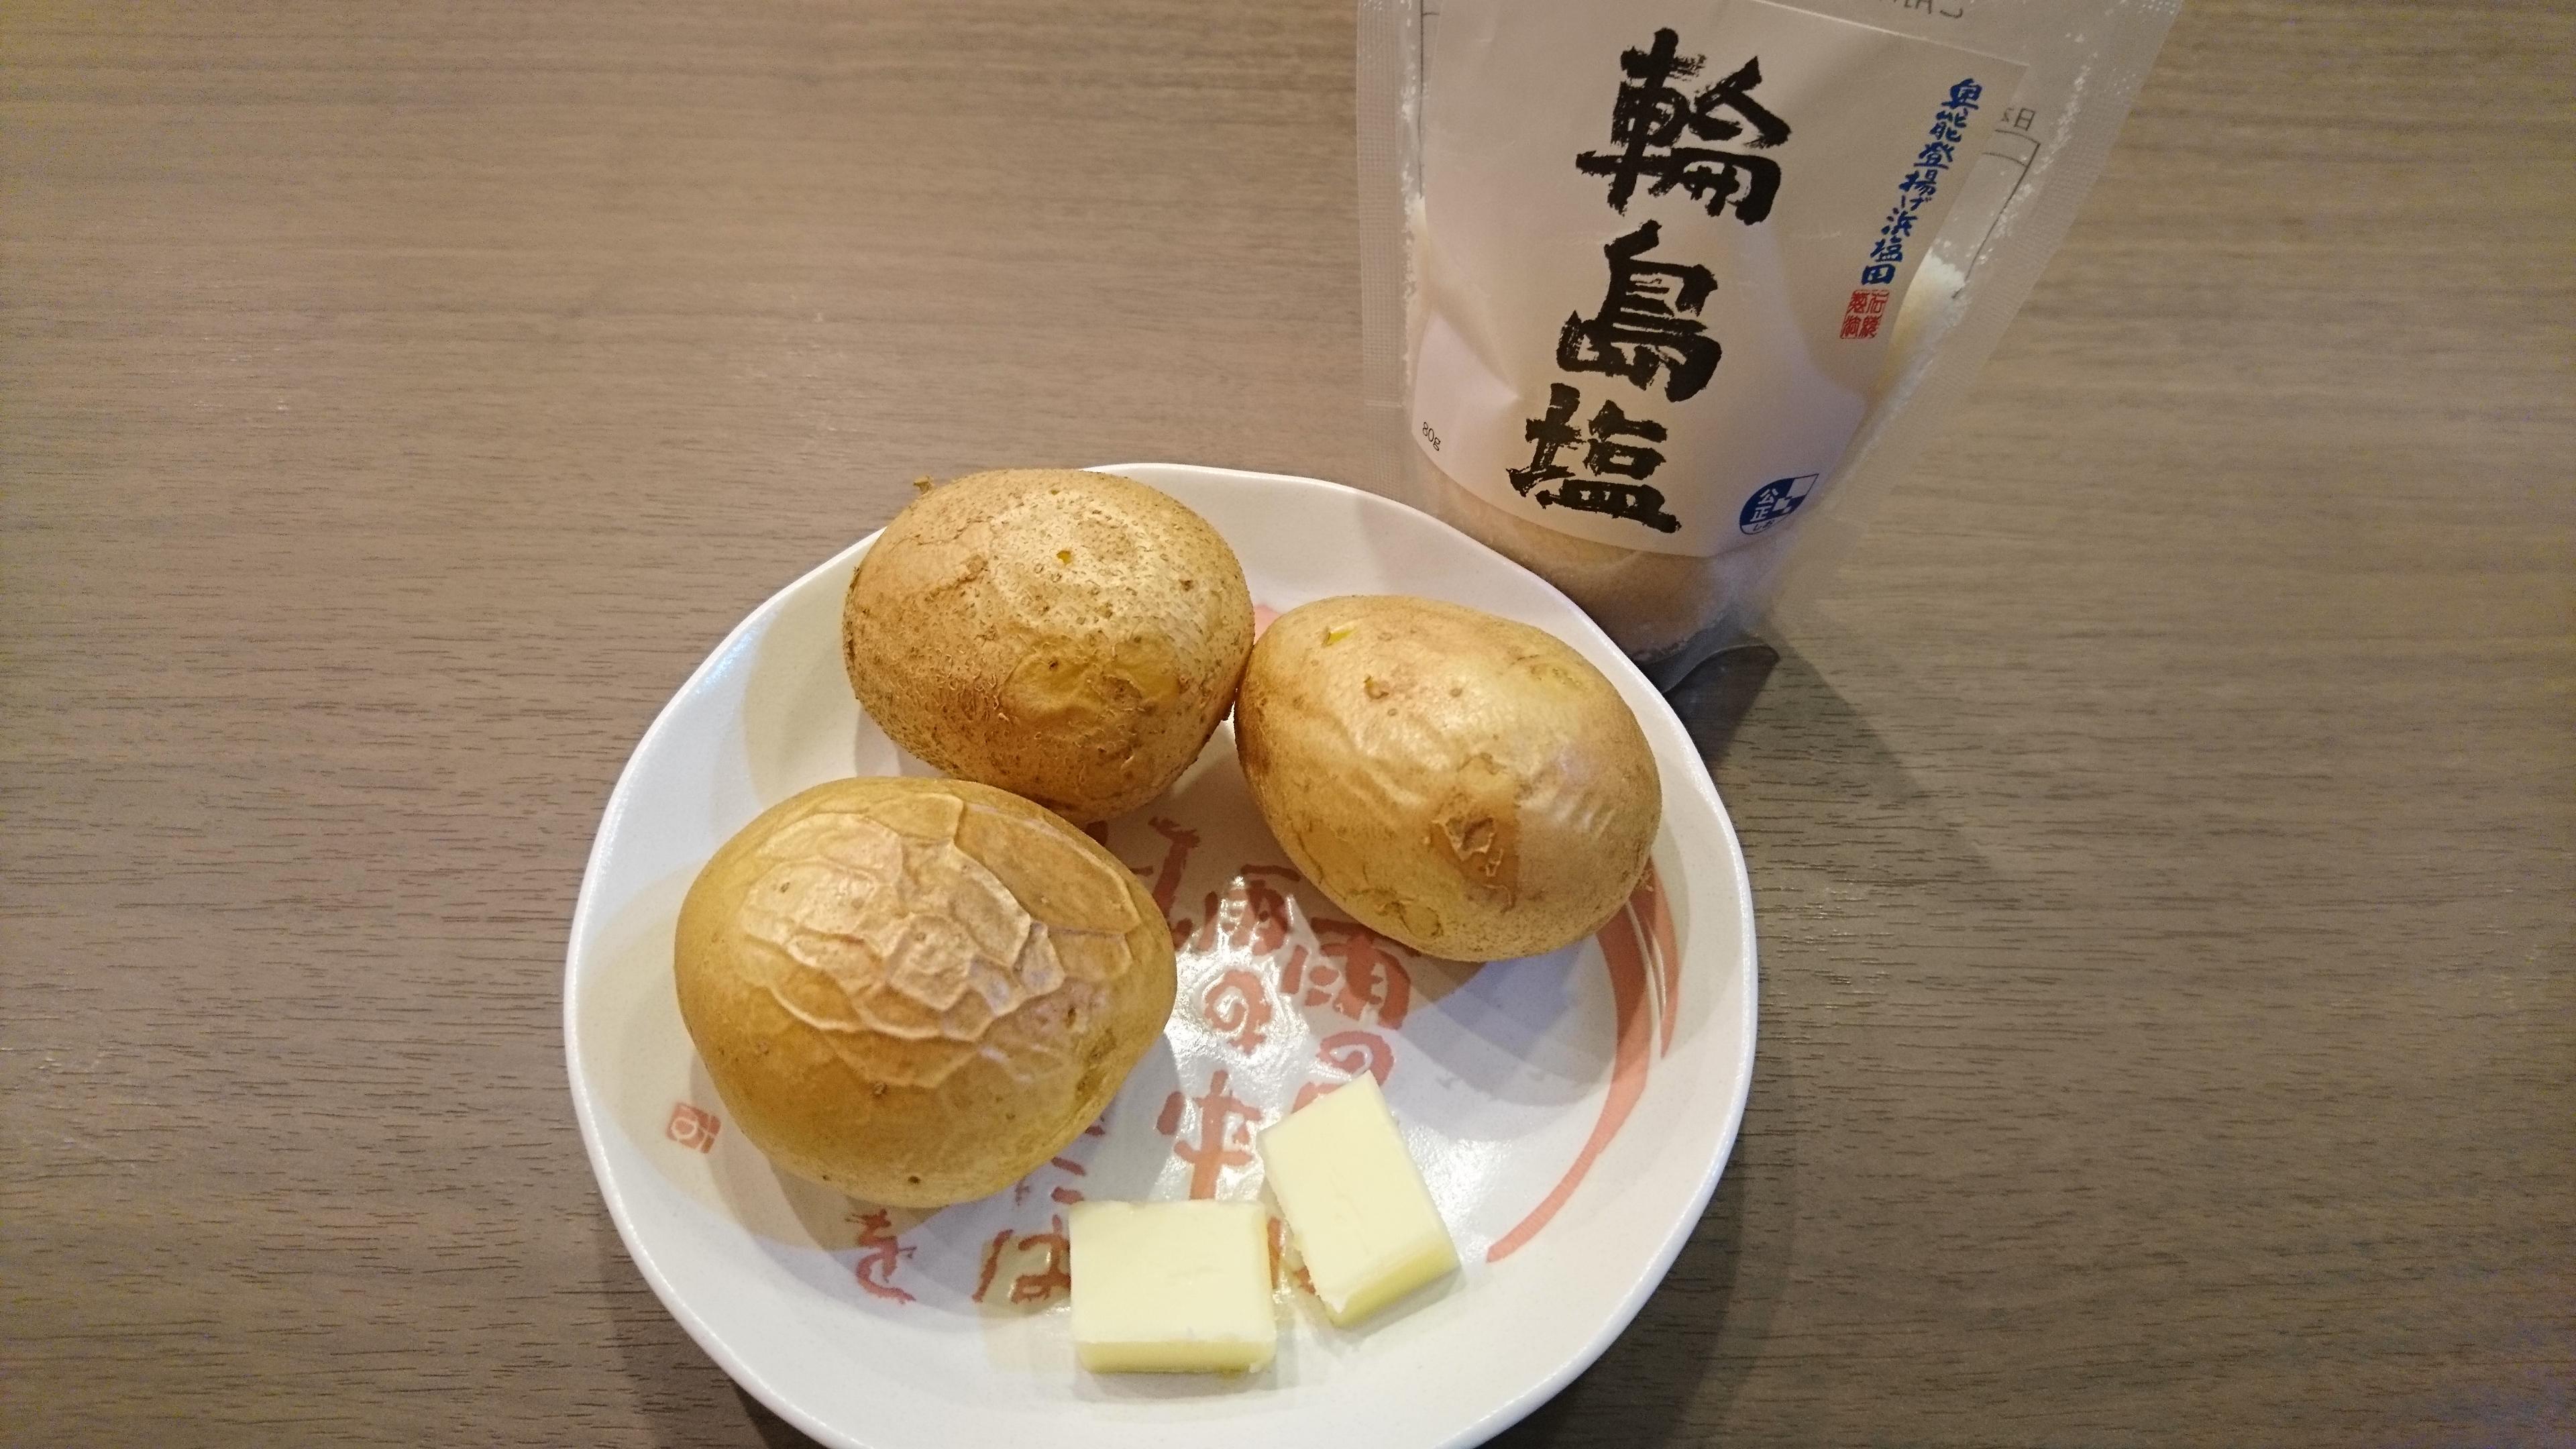 http://hashiguchi-seikotu.com/blog/about/%E9%95%B7%E5%B3%B6%E3%80%80%E3%82%B8%E3%83%A3%E3%82%AC%E3%82%A4%E3%83%A2.JPG